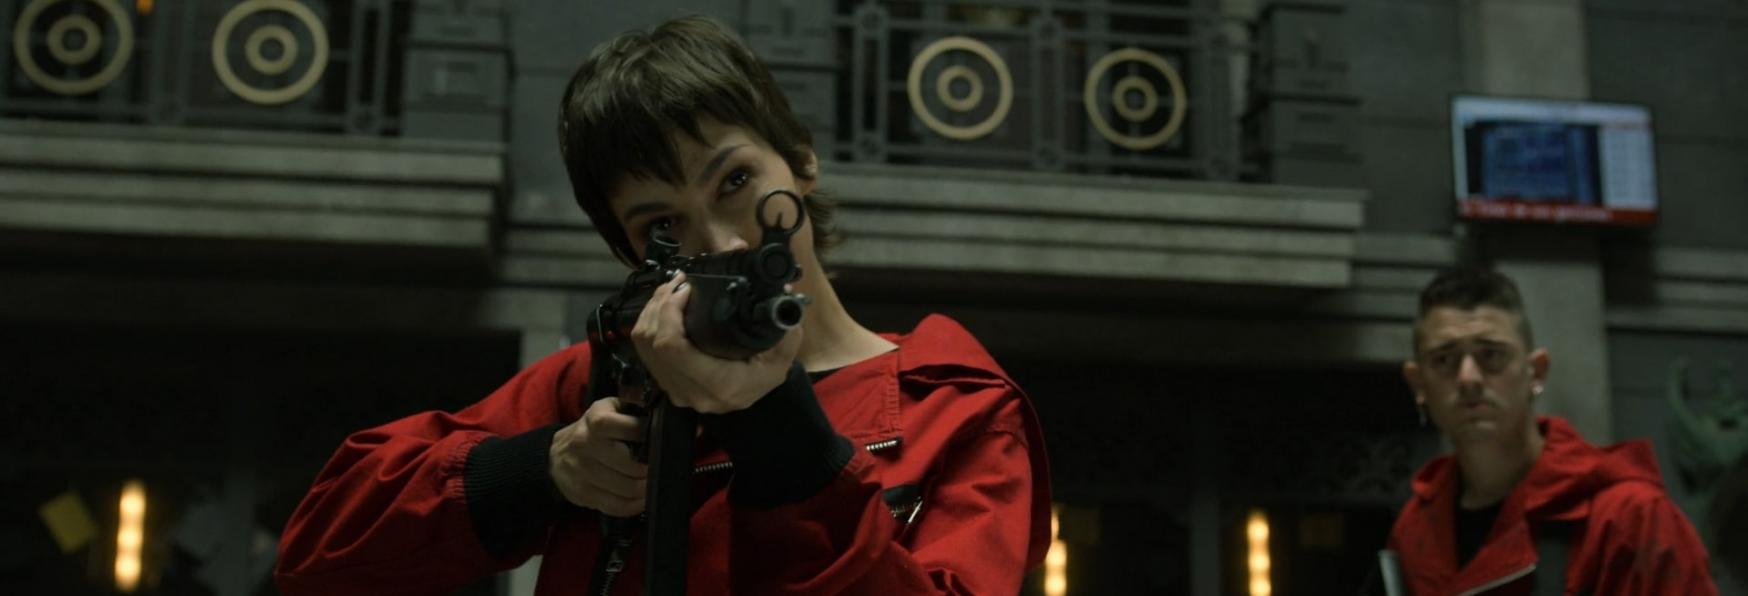 La Casa di Carta 5: anche Úrsula Corberó dice Addio alla Serie TV Netflix. La Foto con Álvaro Morte